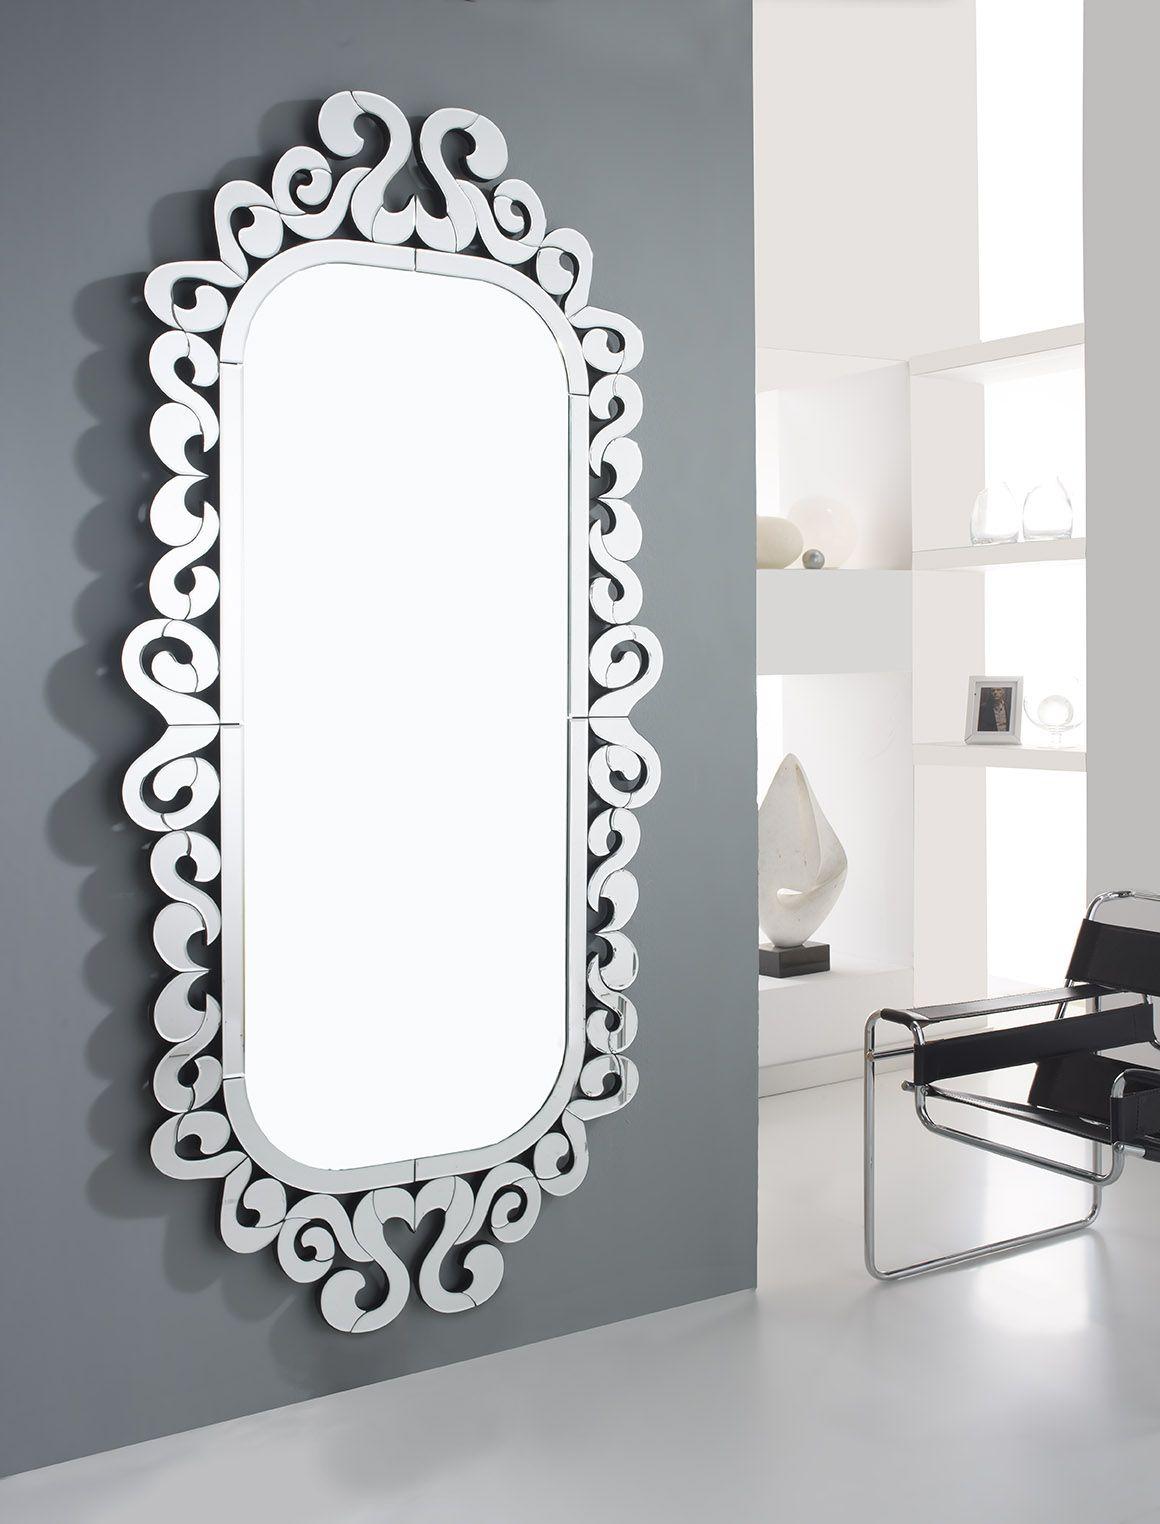 Espejo sorrento con marco de lunas biseladas soporte en for Espejos decorativos modernos